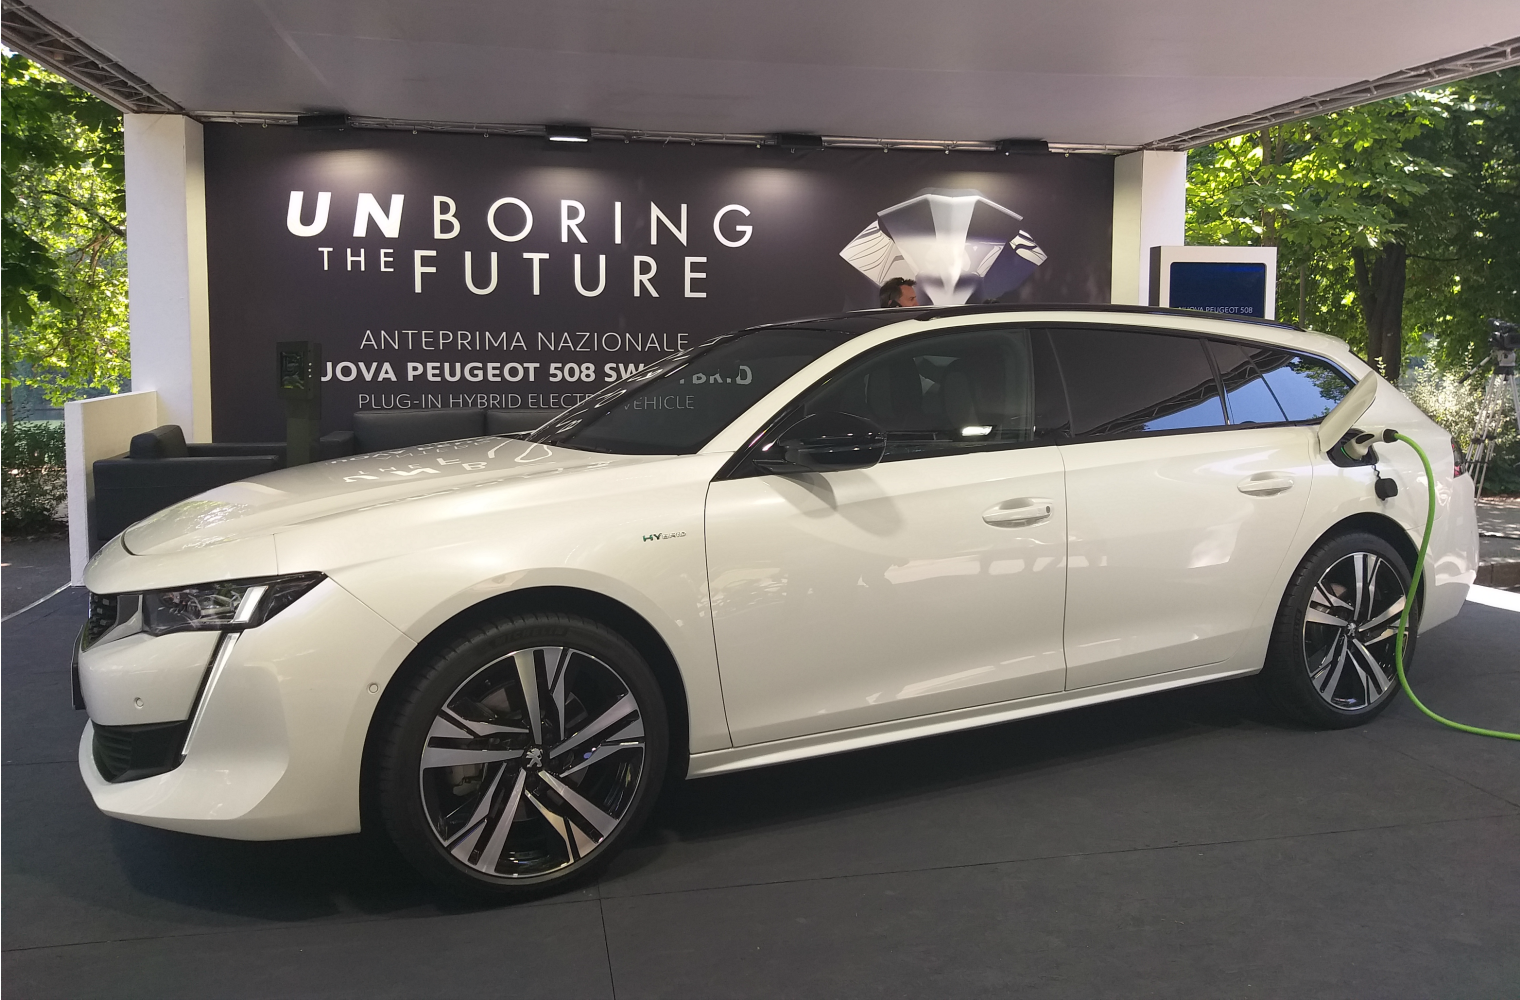 nuova Peugeot 508 SW ibrida plug in Salone Torino 2019